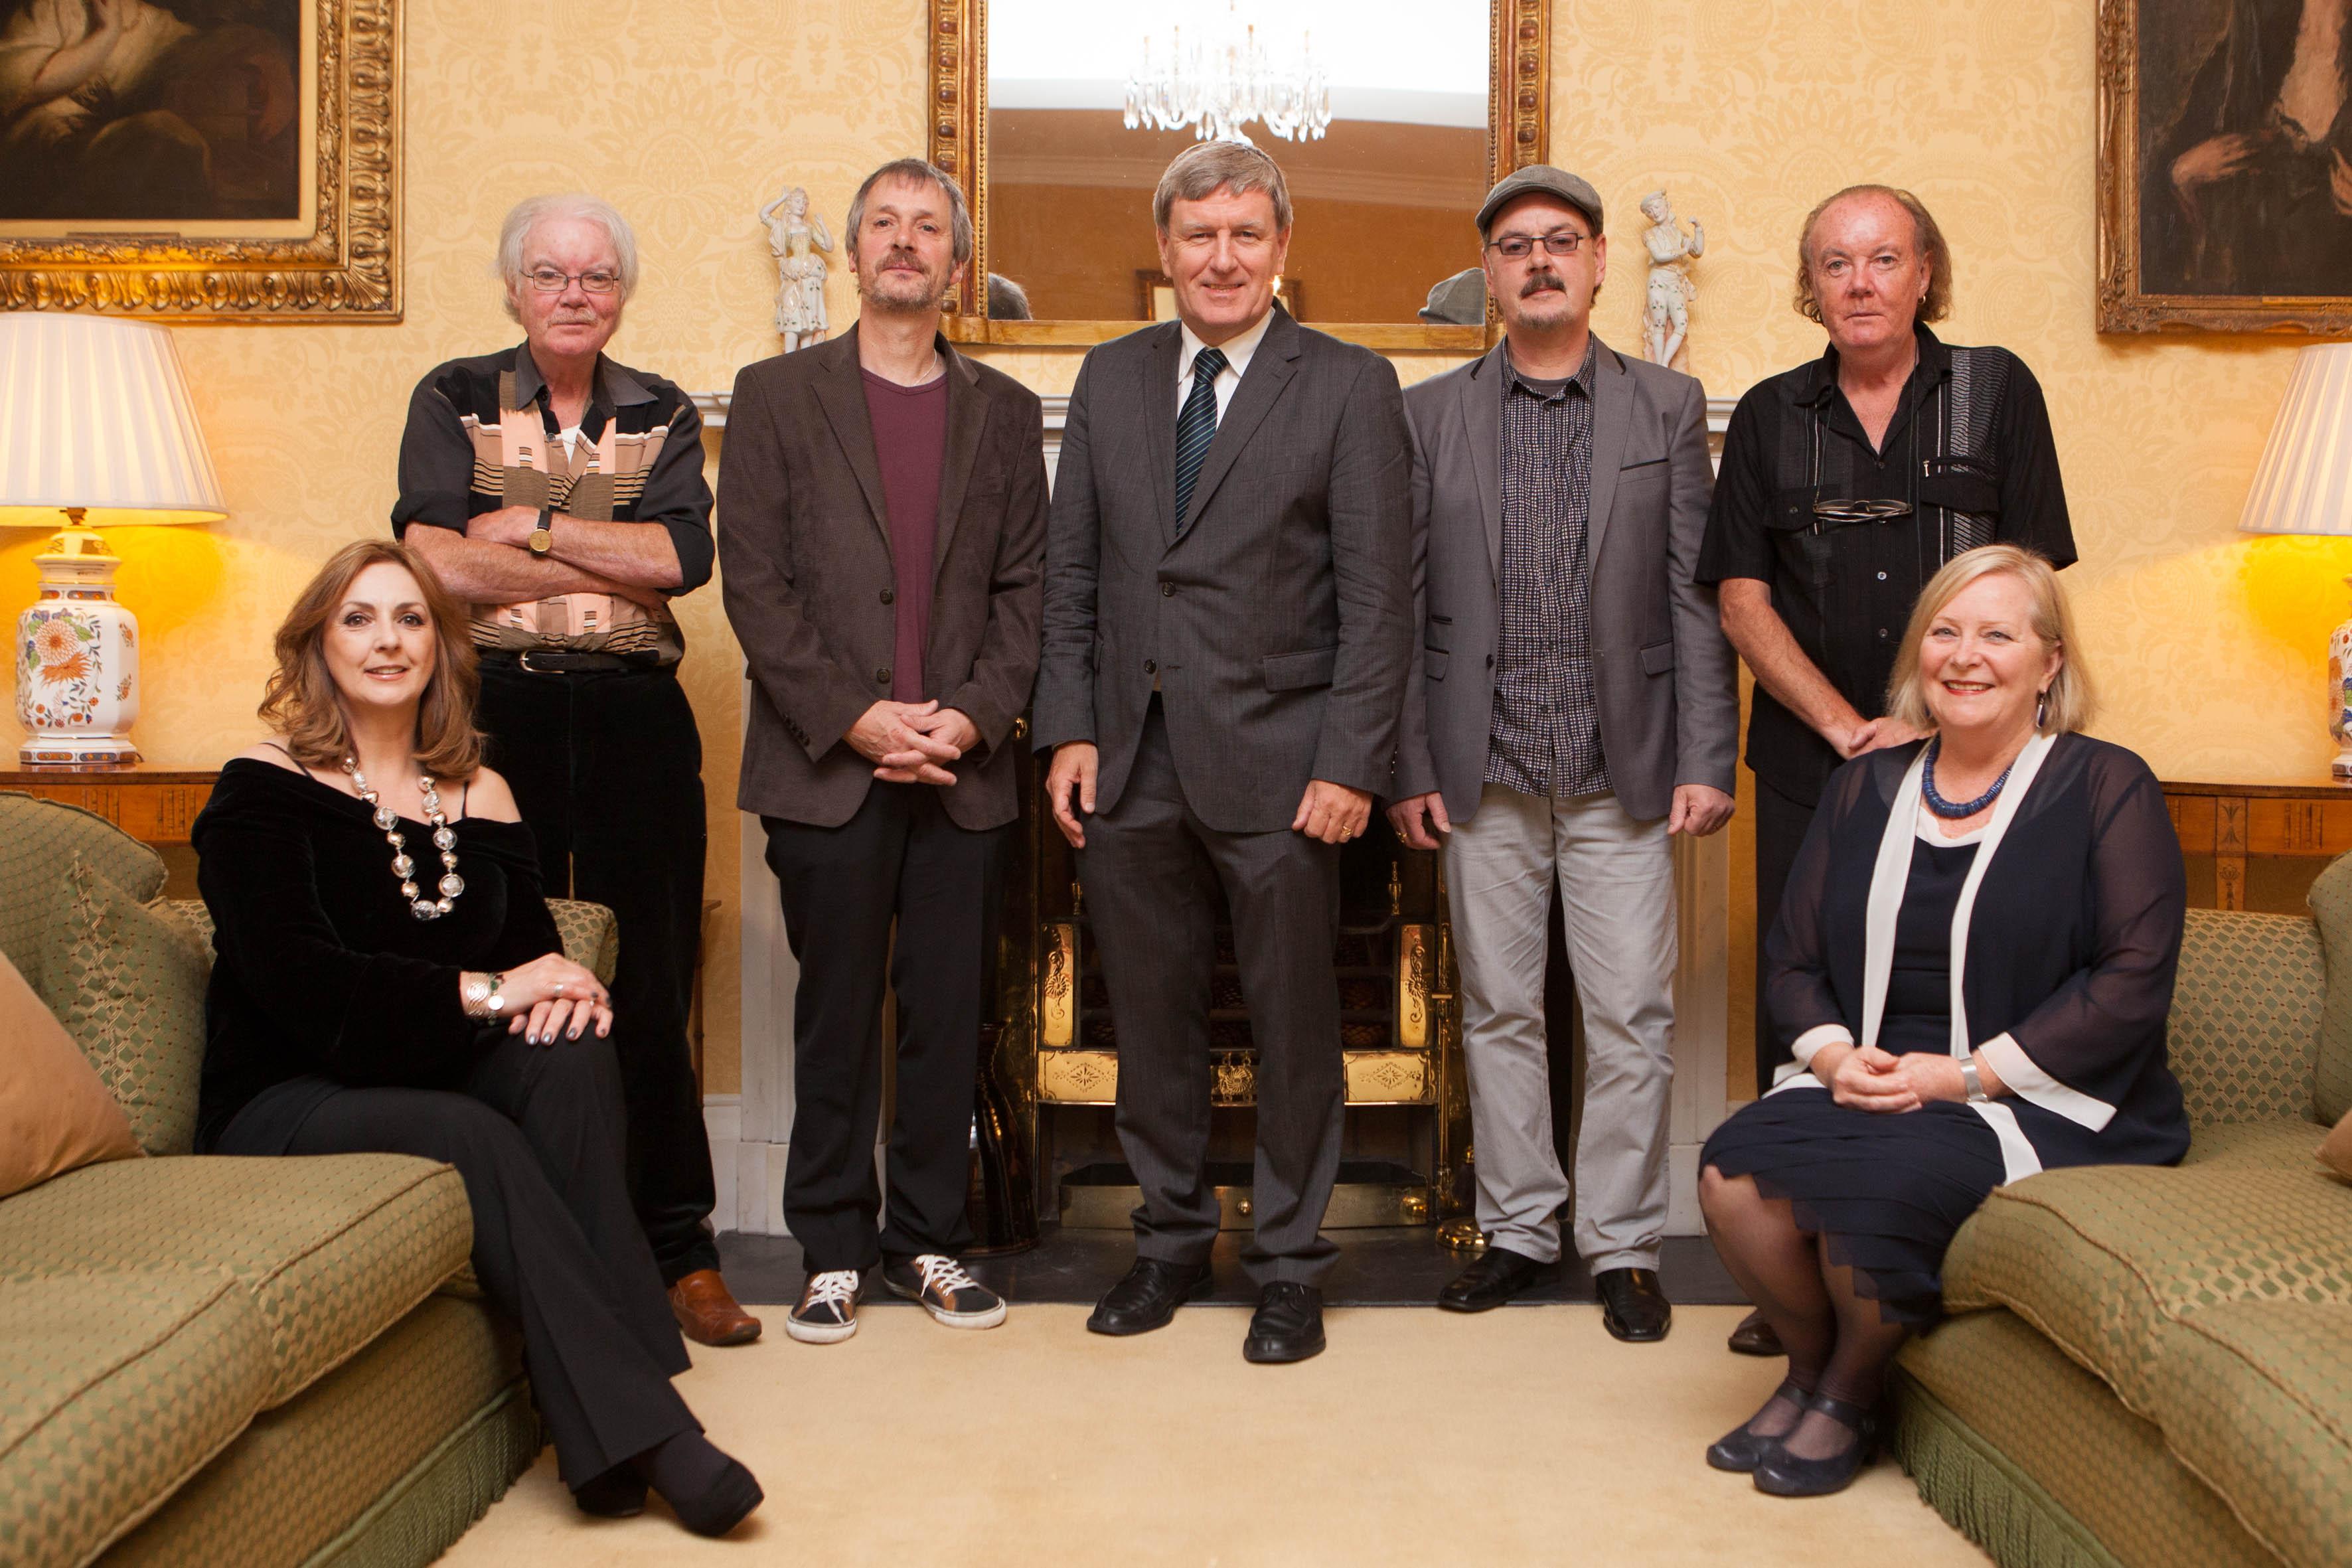 Moya Brennan, Pádraig Duggan, Pól Brennan, Ambassador Daniel Mulhall, Ciarán Brennan, Noel Duggan, Mrs Greta Mulhall